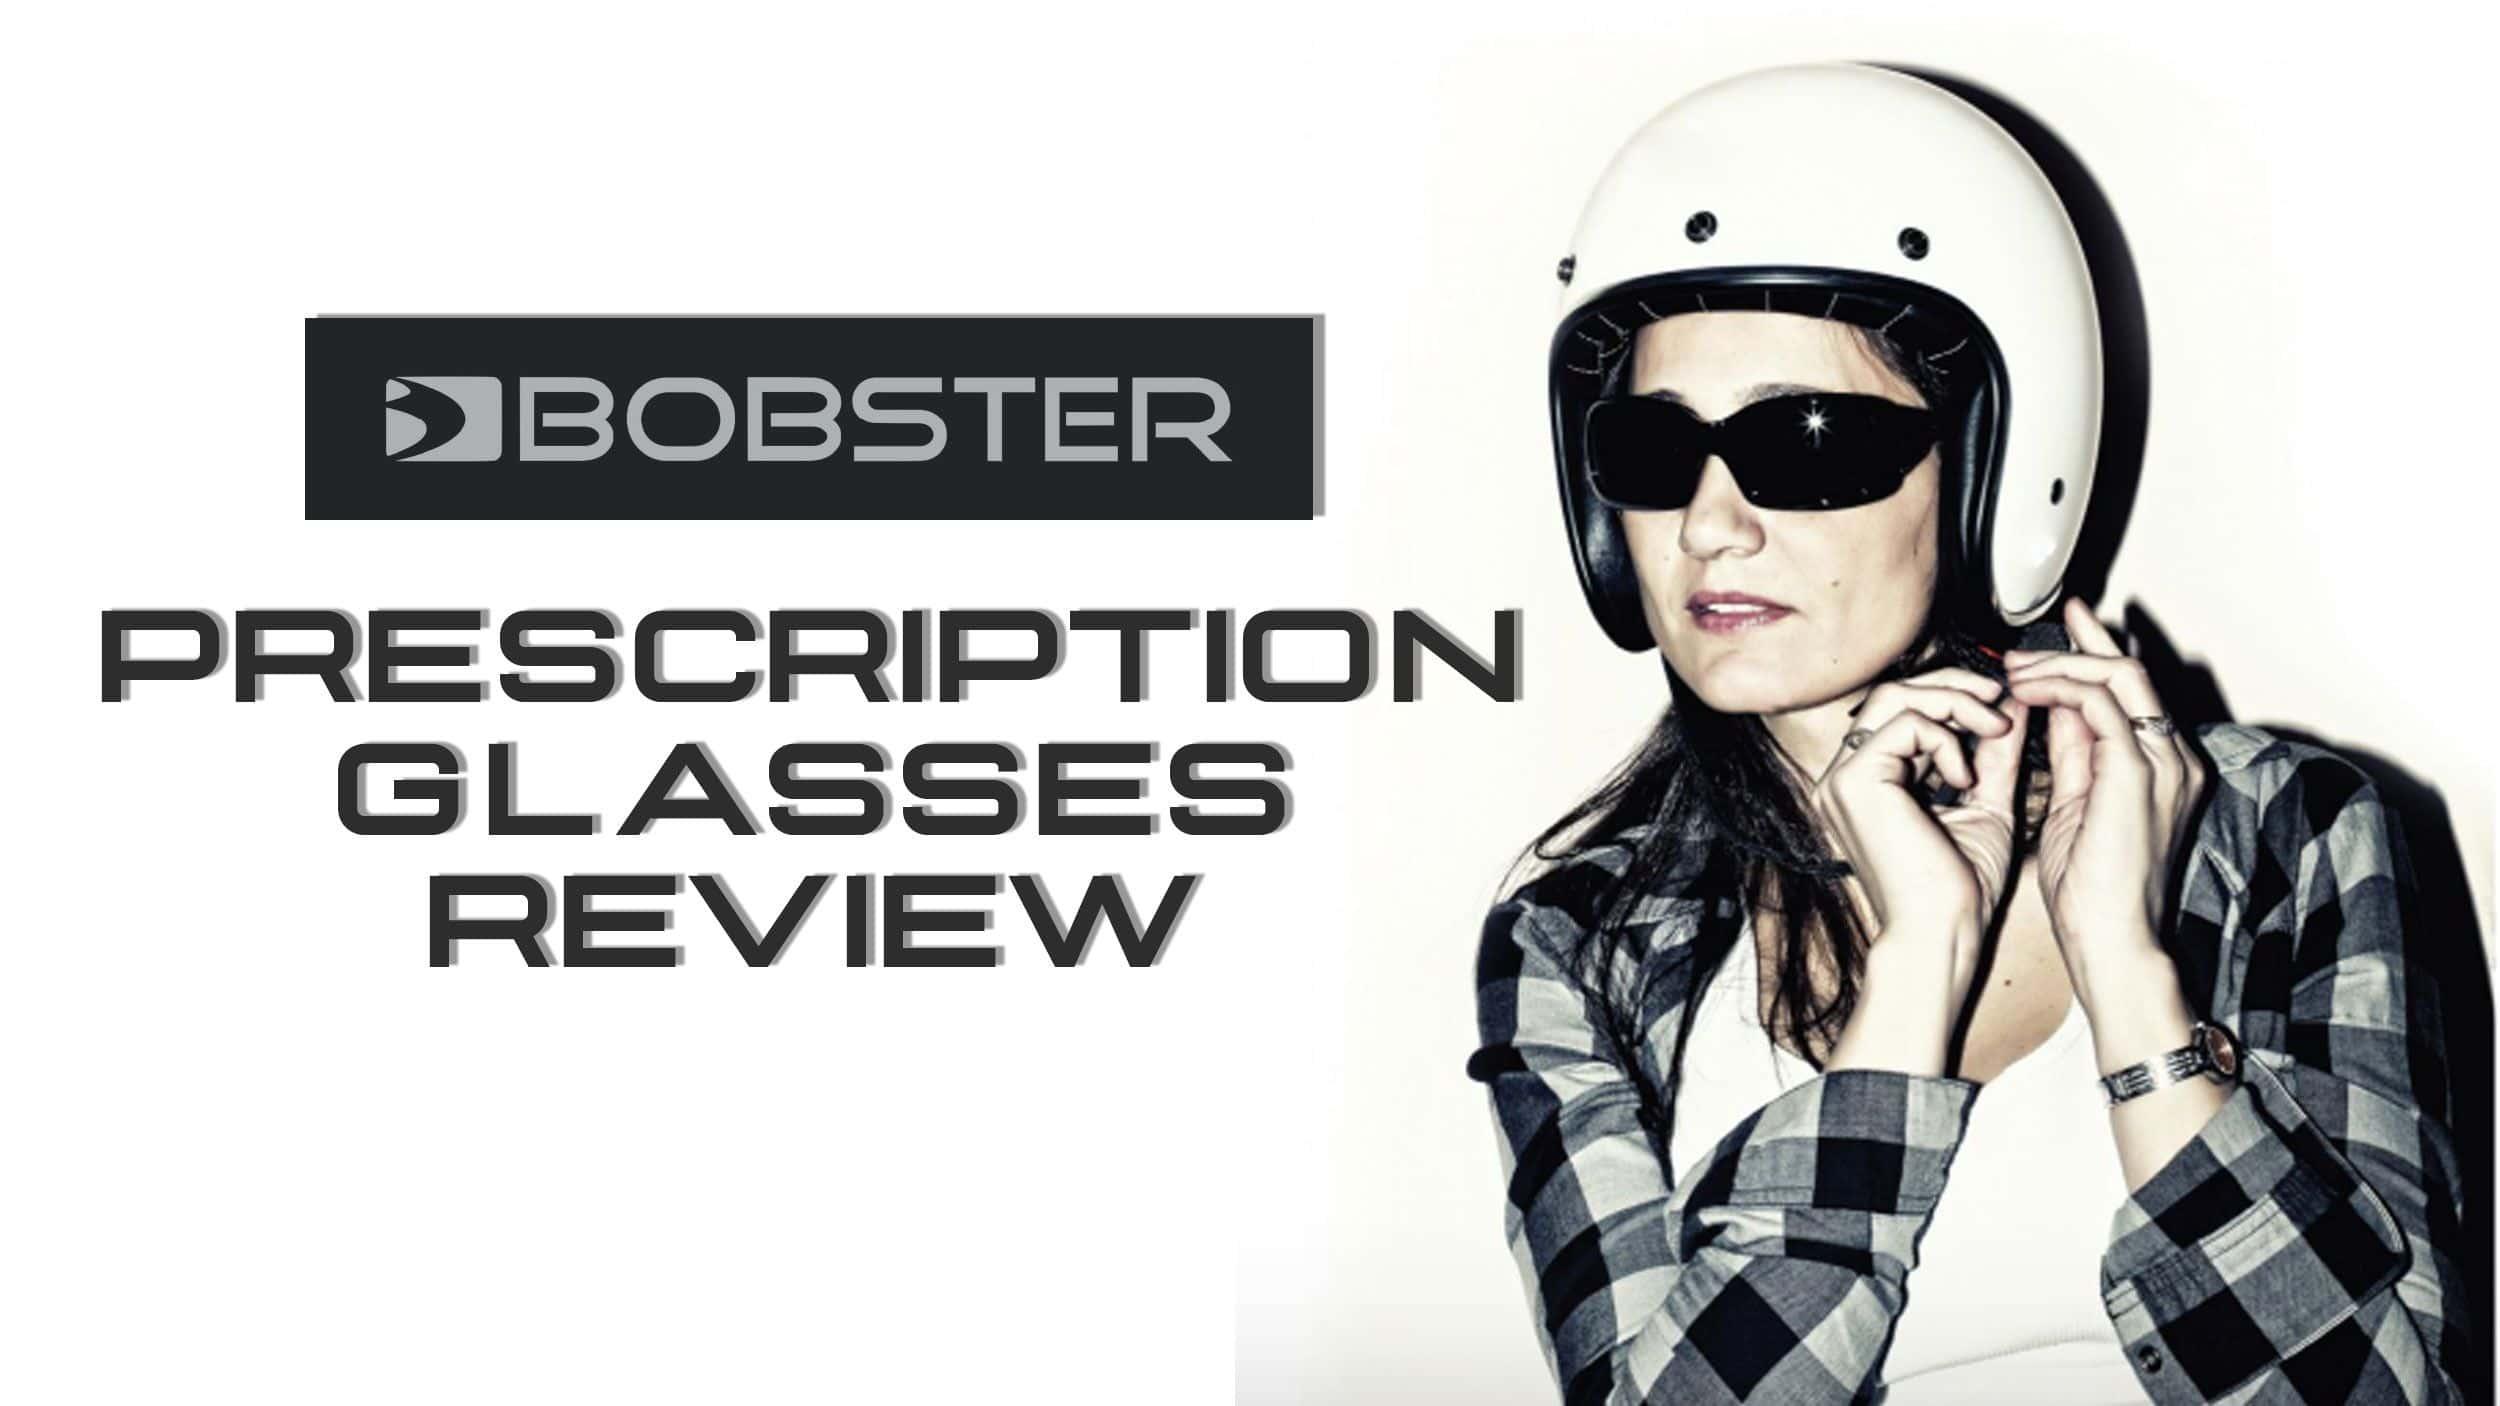 Bobster Prescription Glasses Review Header